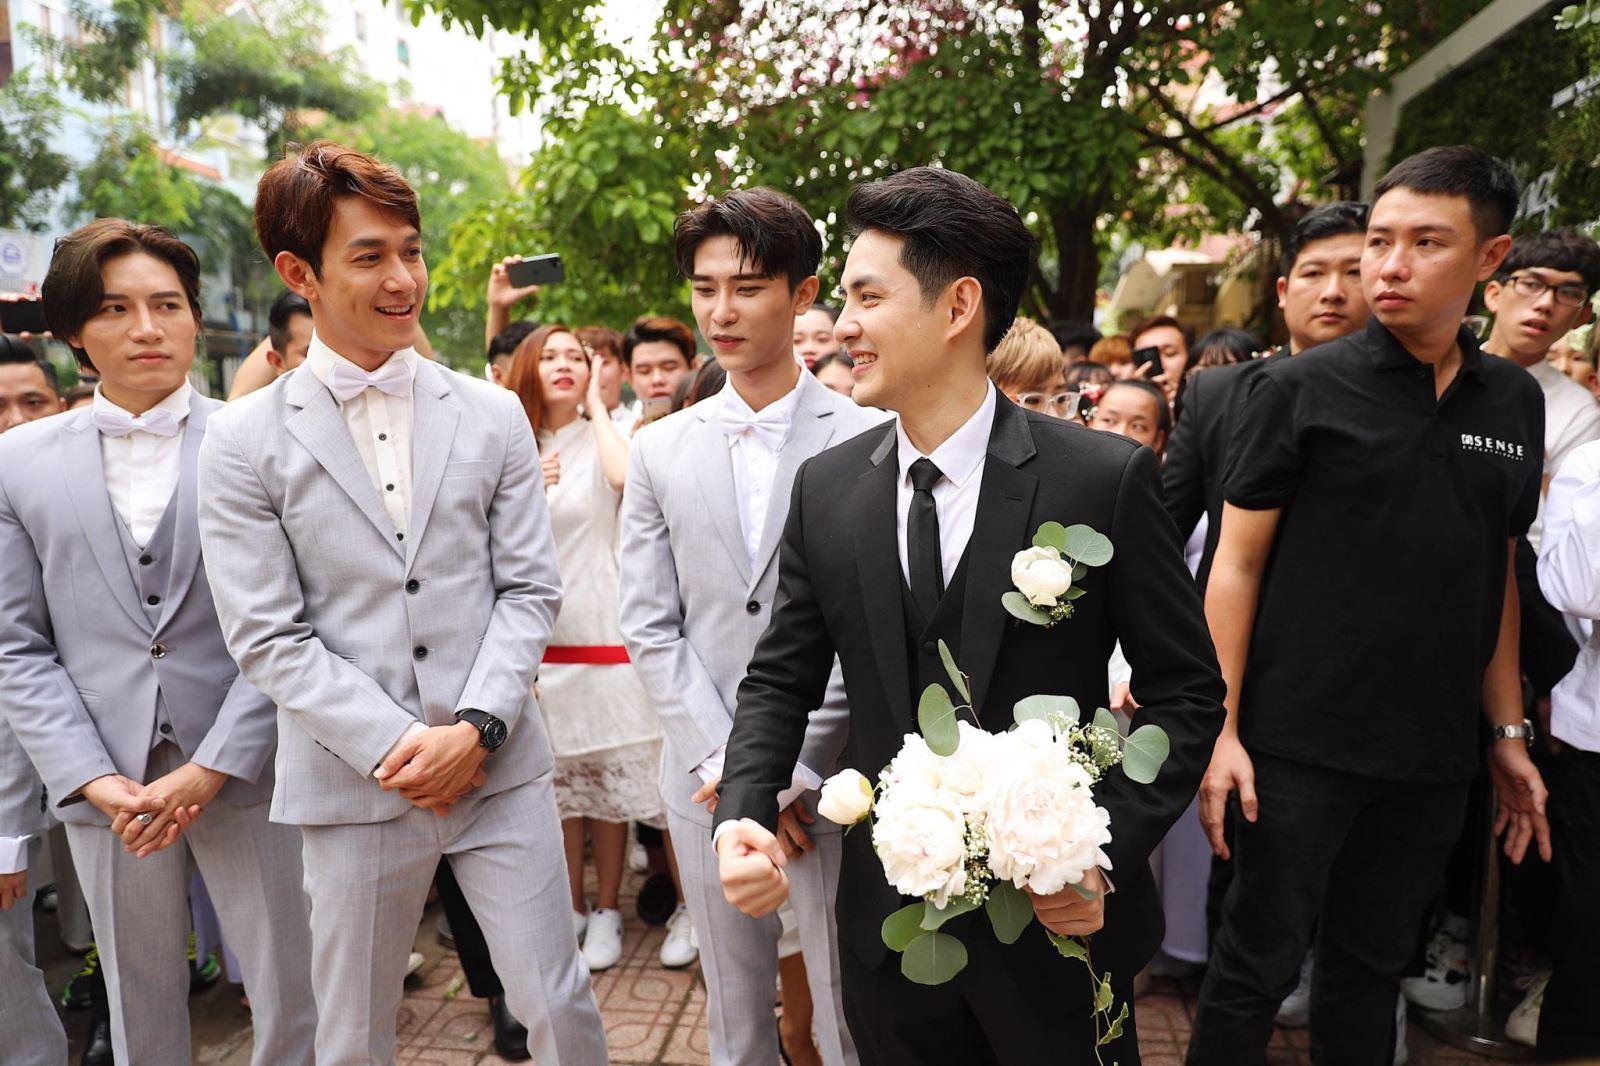 đám cưới Đông Nhi Ông Cao Thắng, lễ cưới Đông Nhi Ông Cao Thắng, lễ hỏi Đông Nhi Ông Cao Thắng, dam cuoi Dong Nhi Ong Cao Thang, Ông Cao Thắng, Đông Nhi cưới